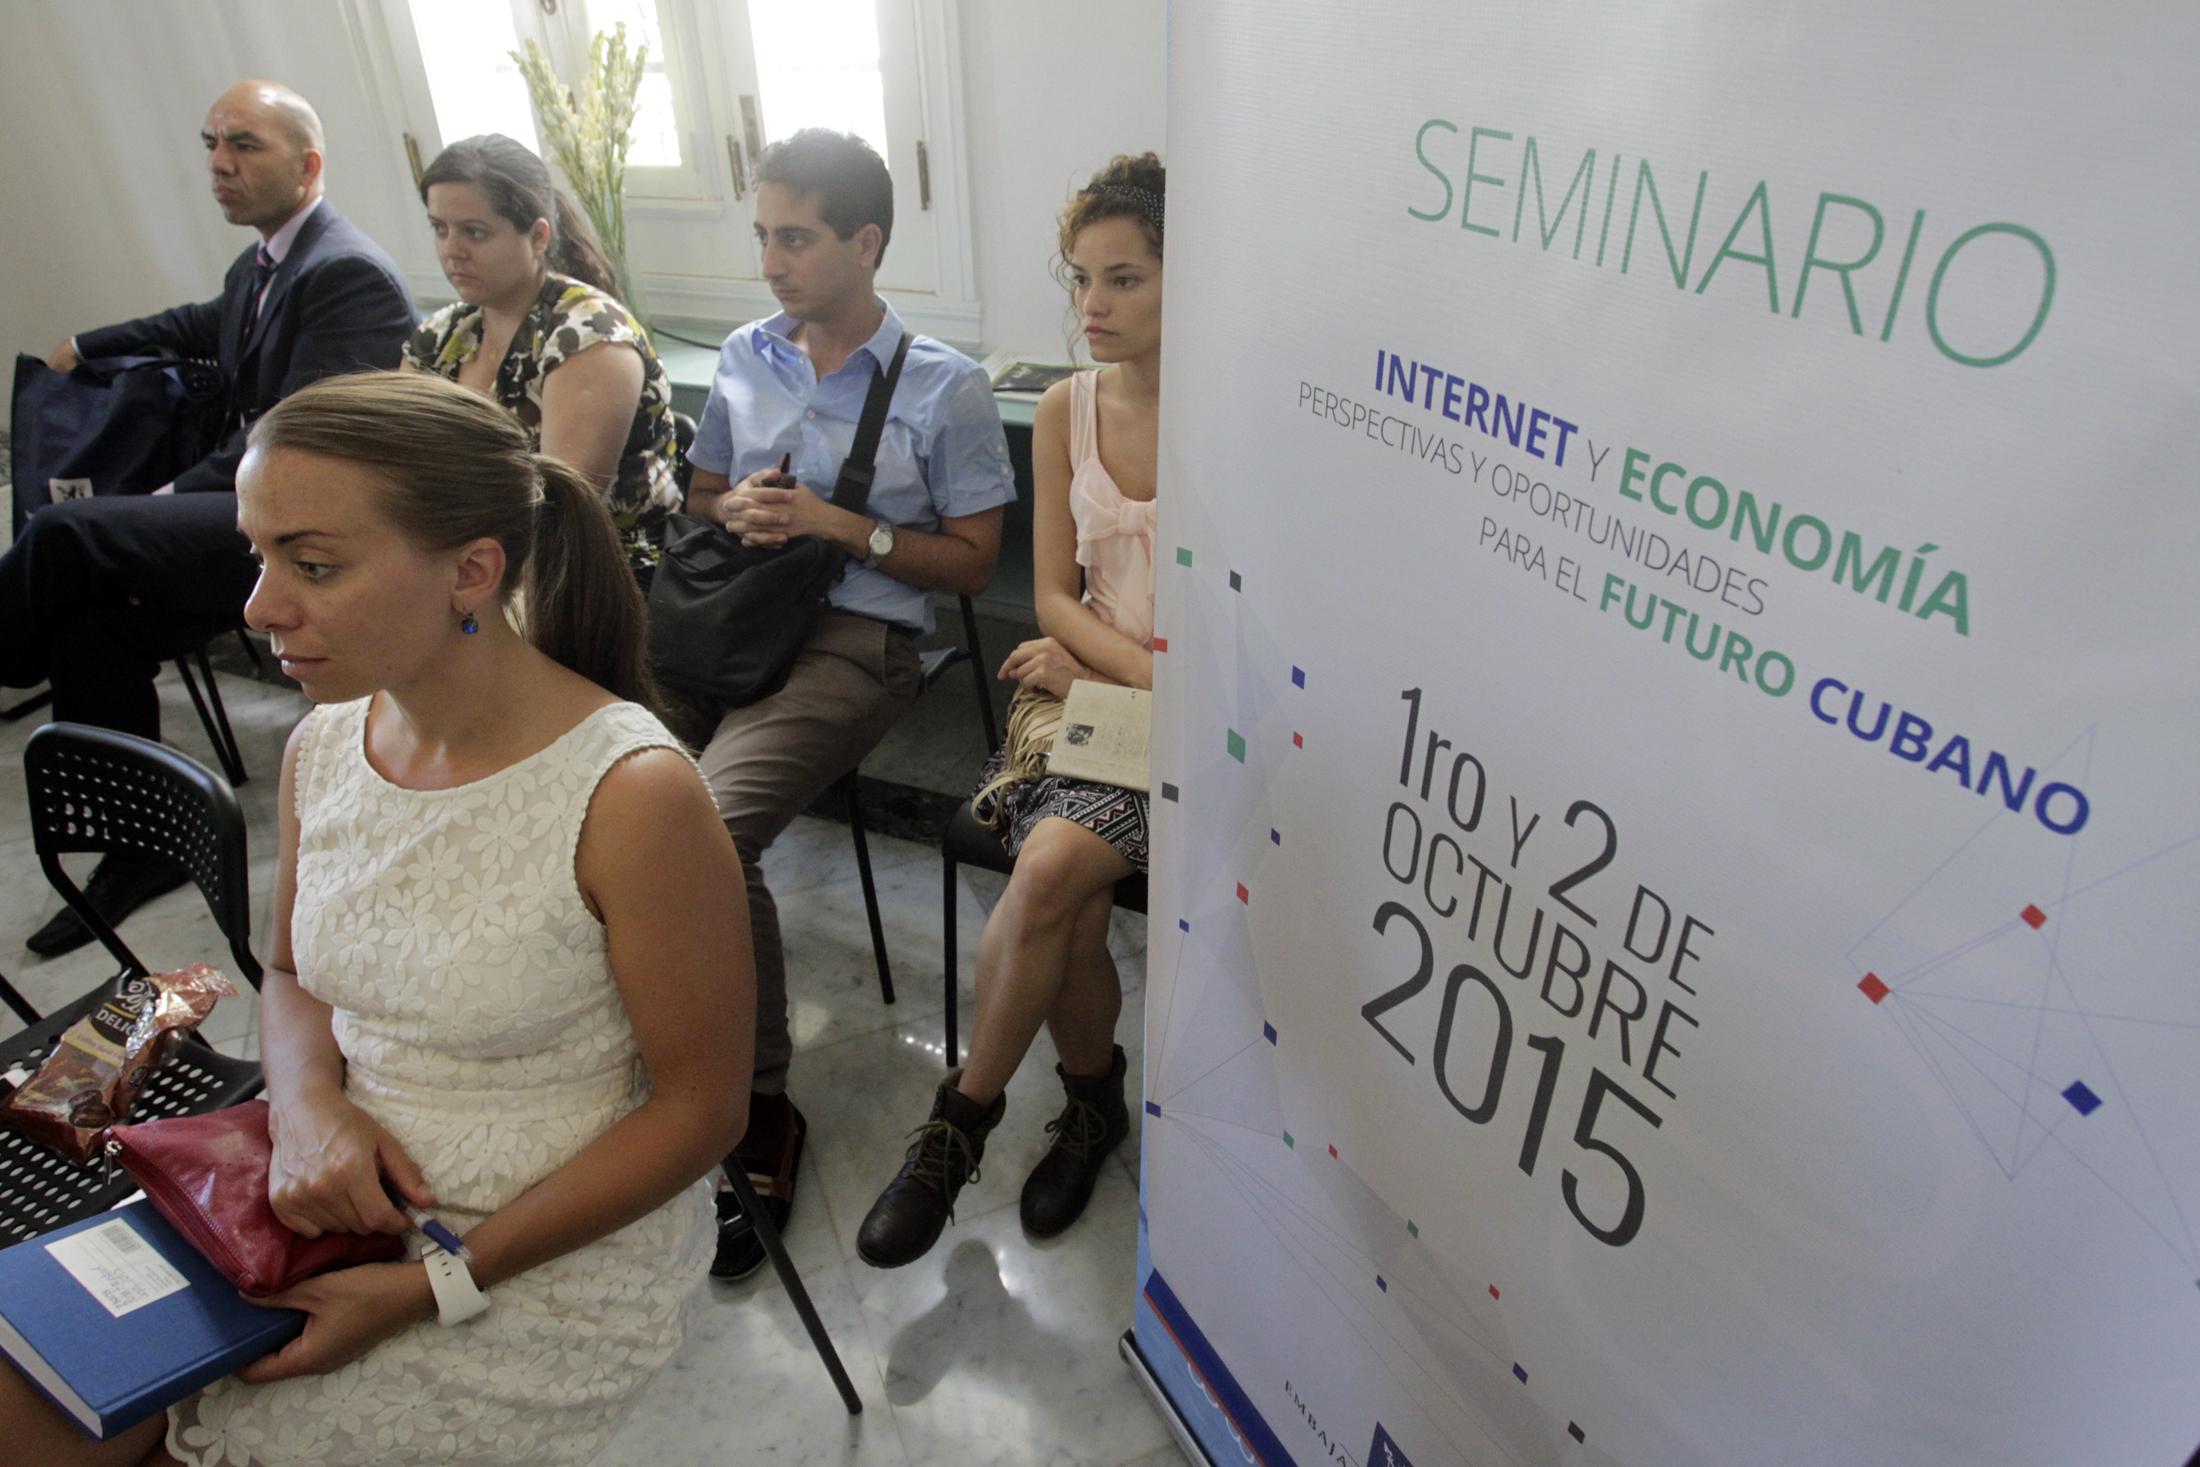 internacional internet y econom a perspectivas y oportunidades para el futuro cubano auspiciado por la embajada de noruega en la capital de cuba